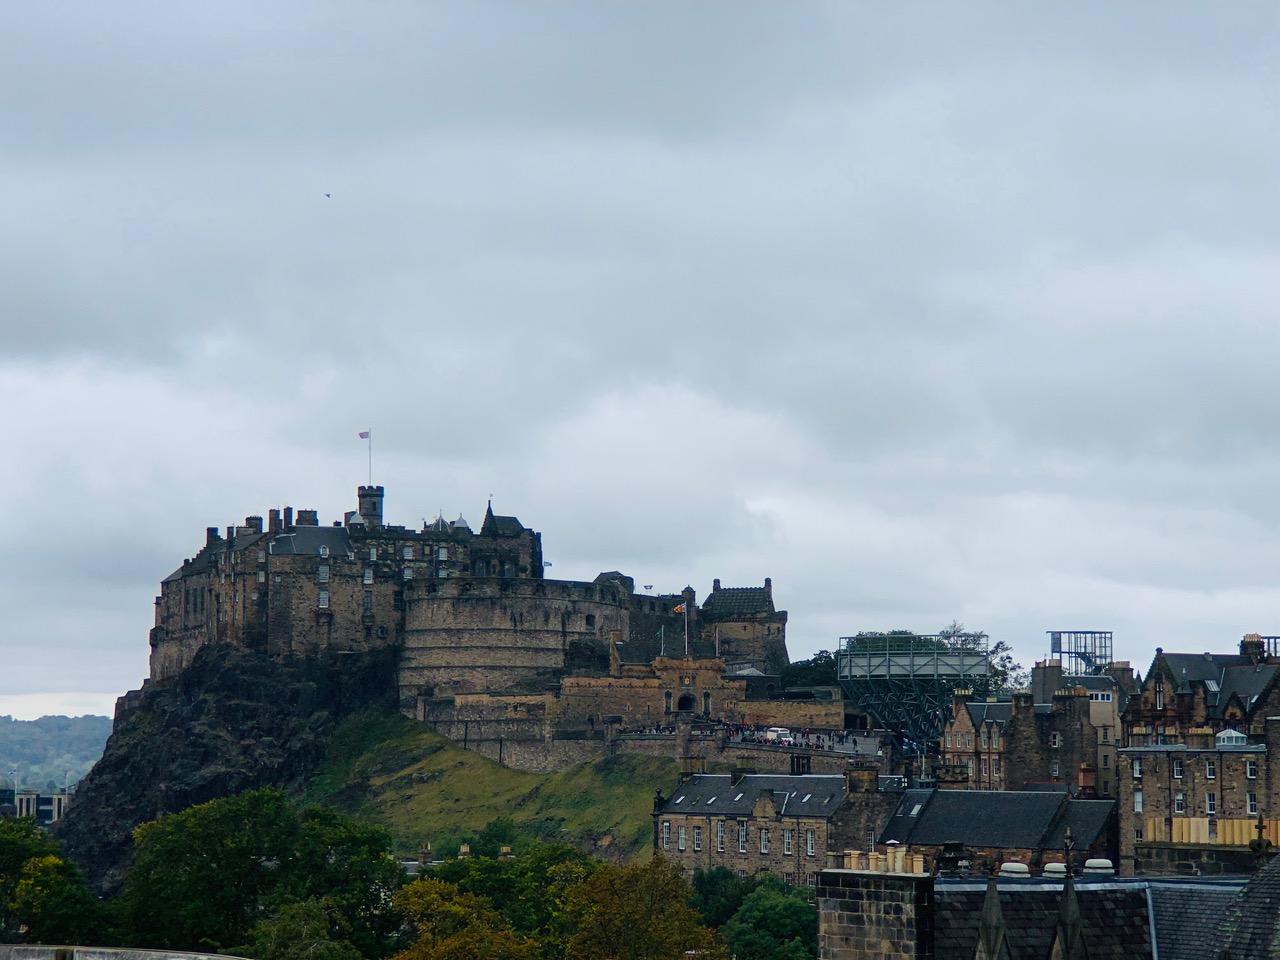 スコットランド国立博物館の屋上からの眺め